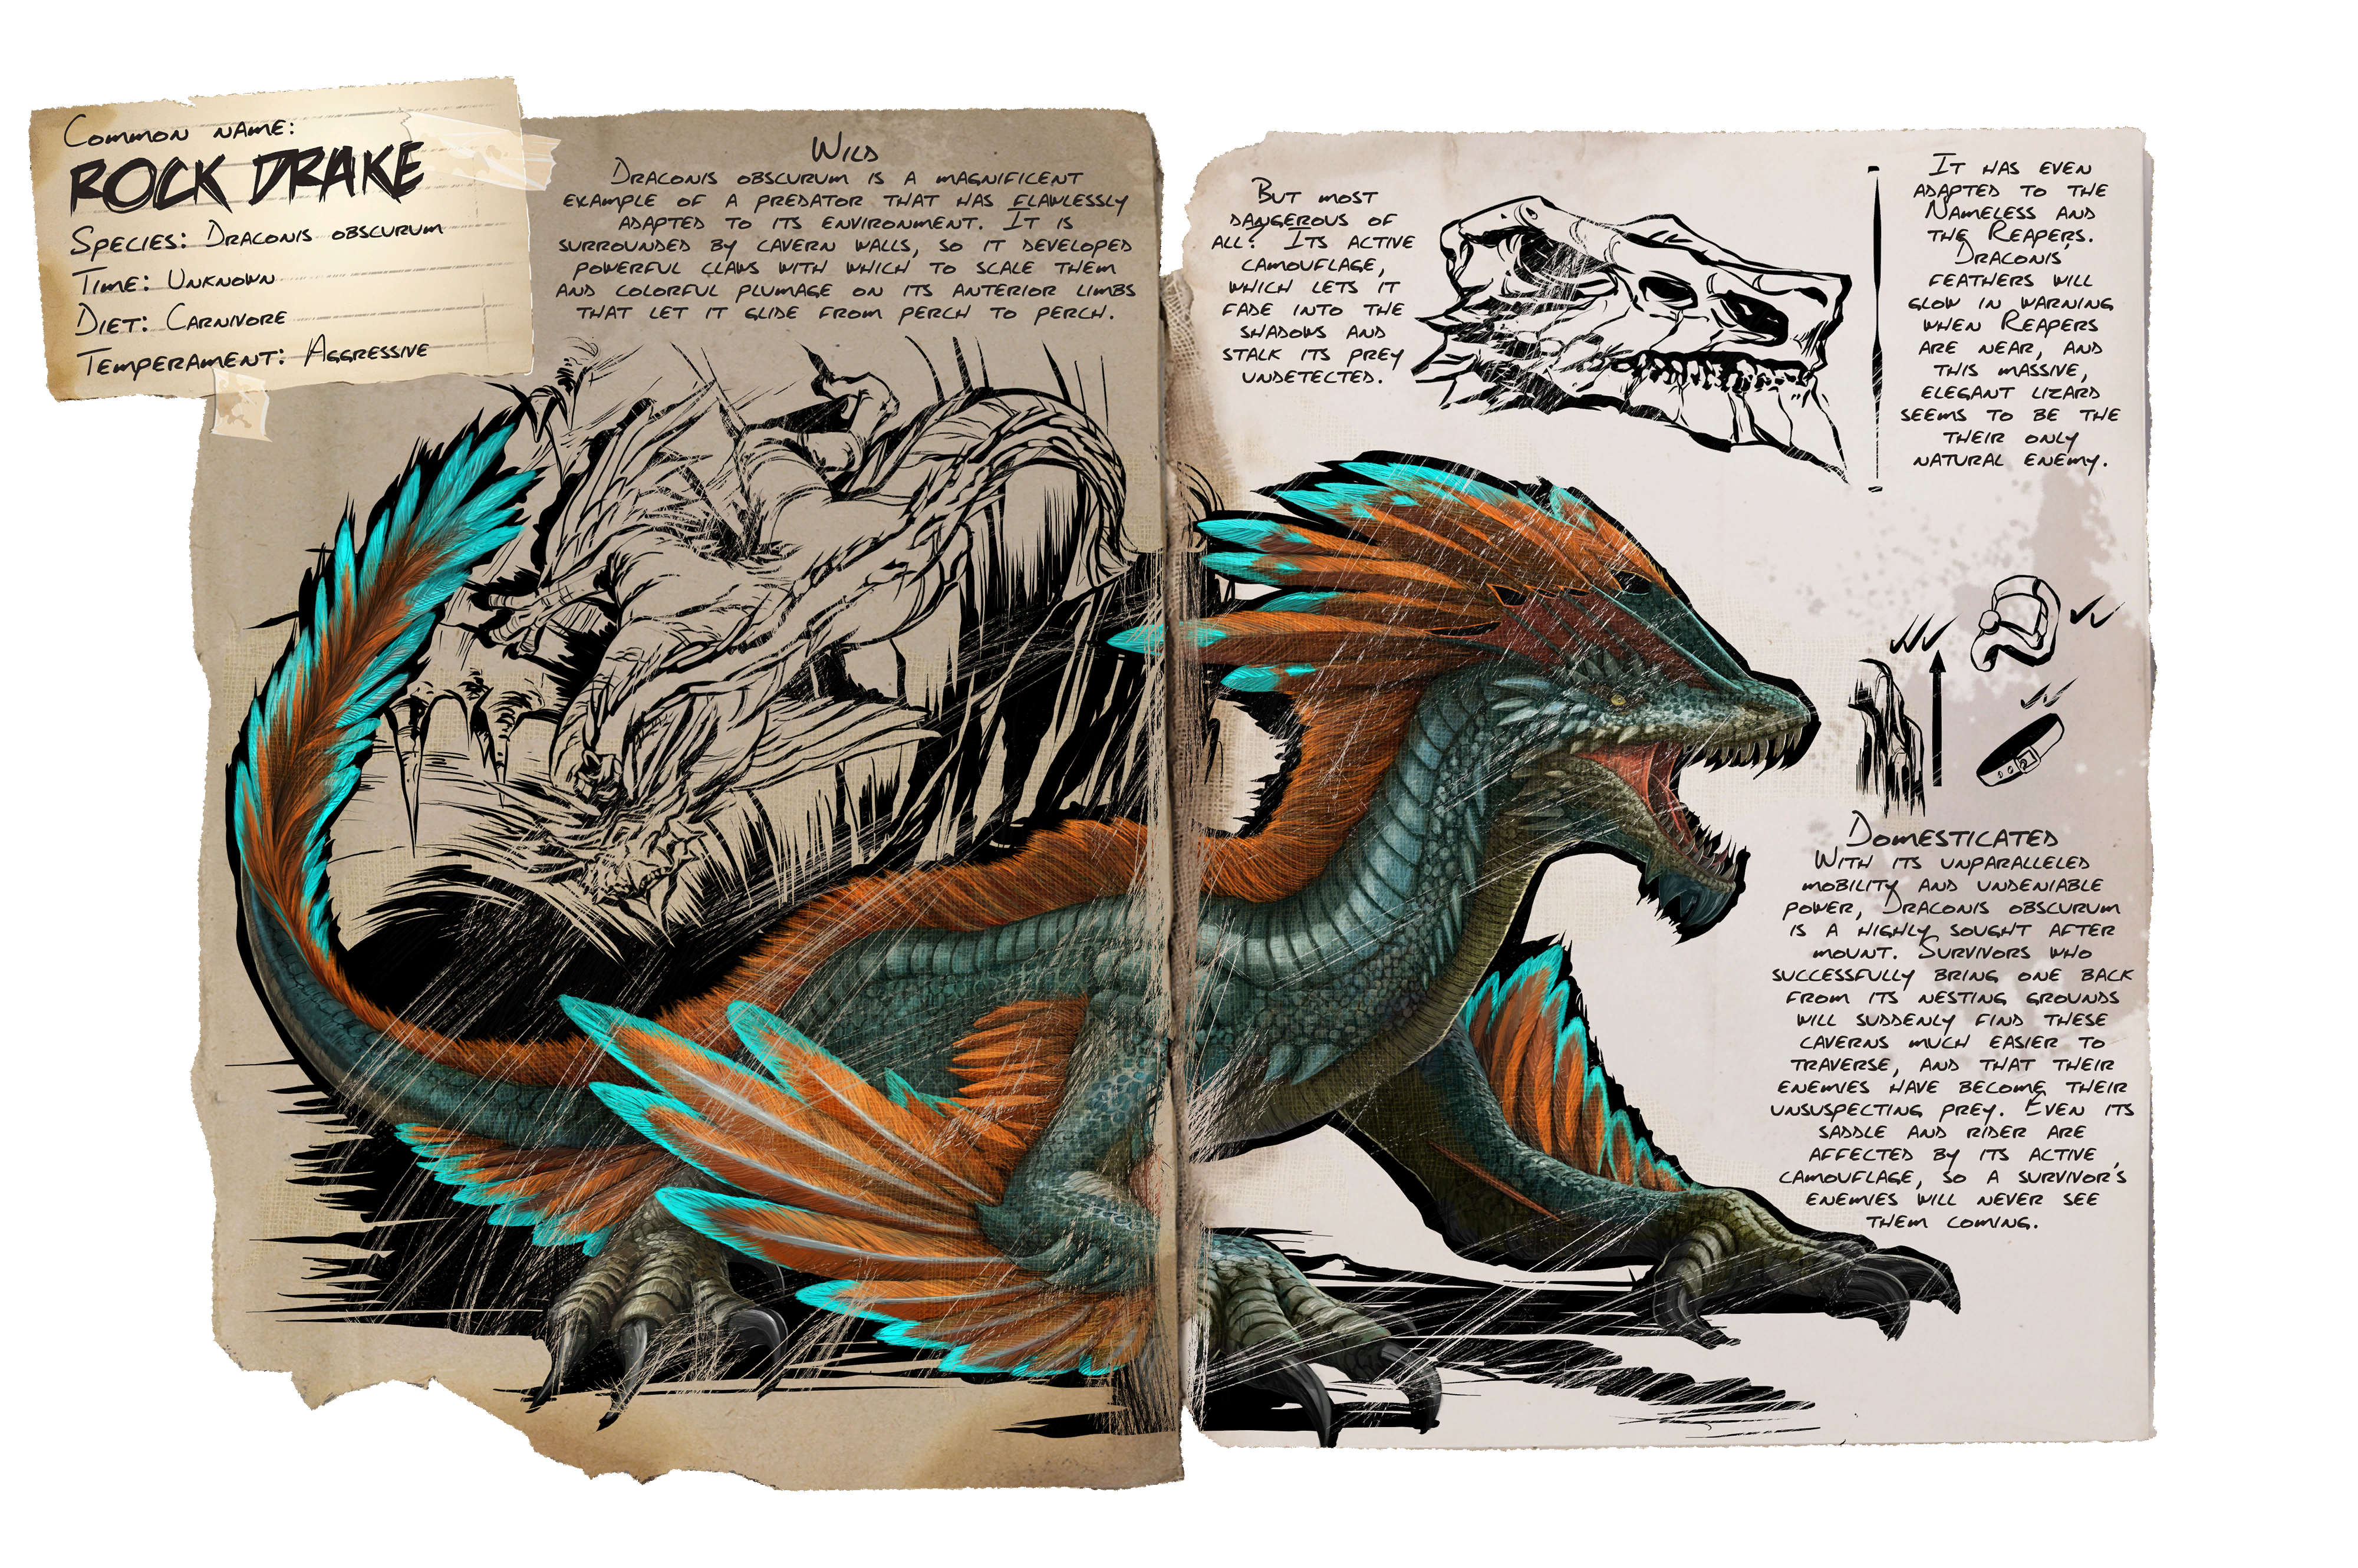 Dossier Rock Drake Png 4 000 2 660 Pixels Ark Survival Evolved Game Ark Survival Evolved Ark